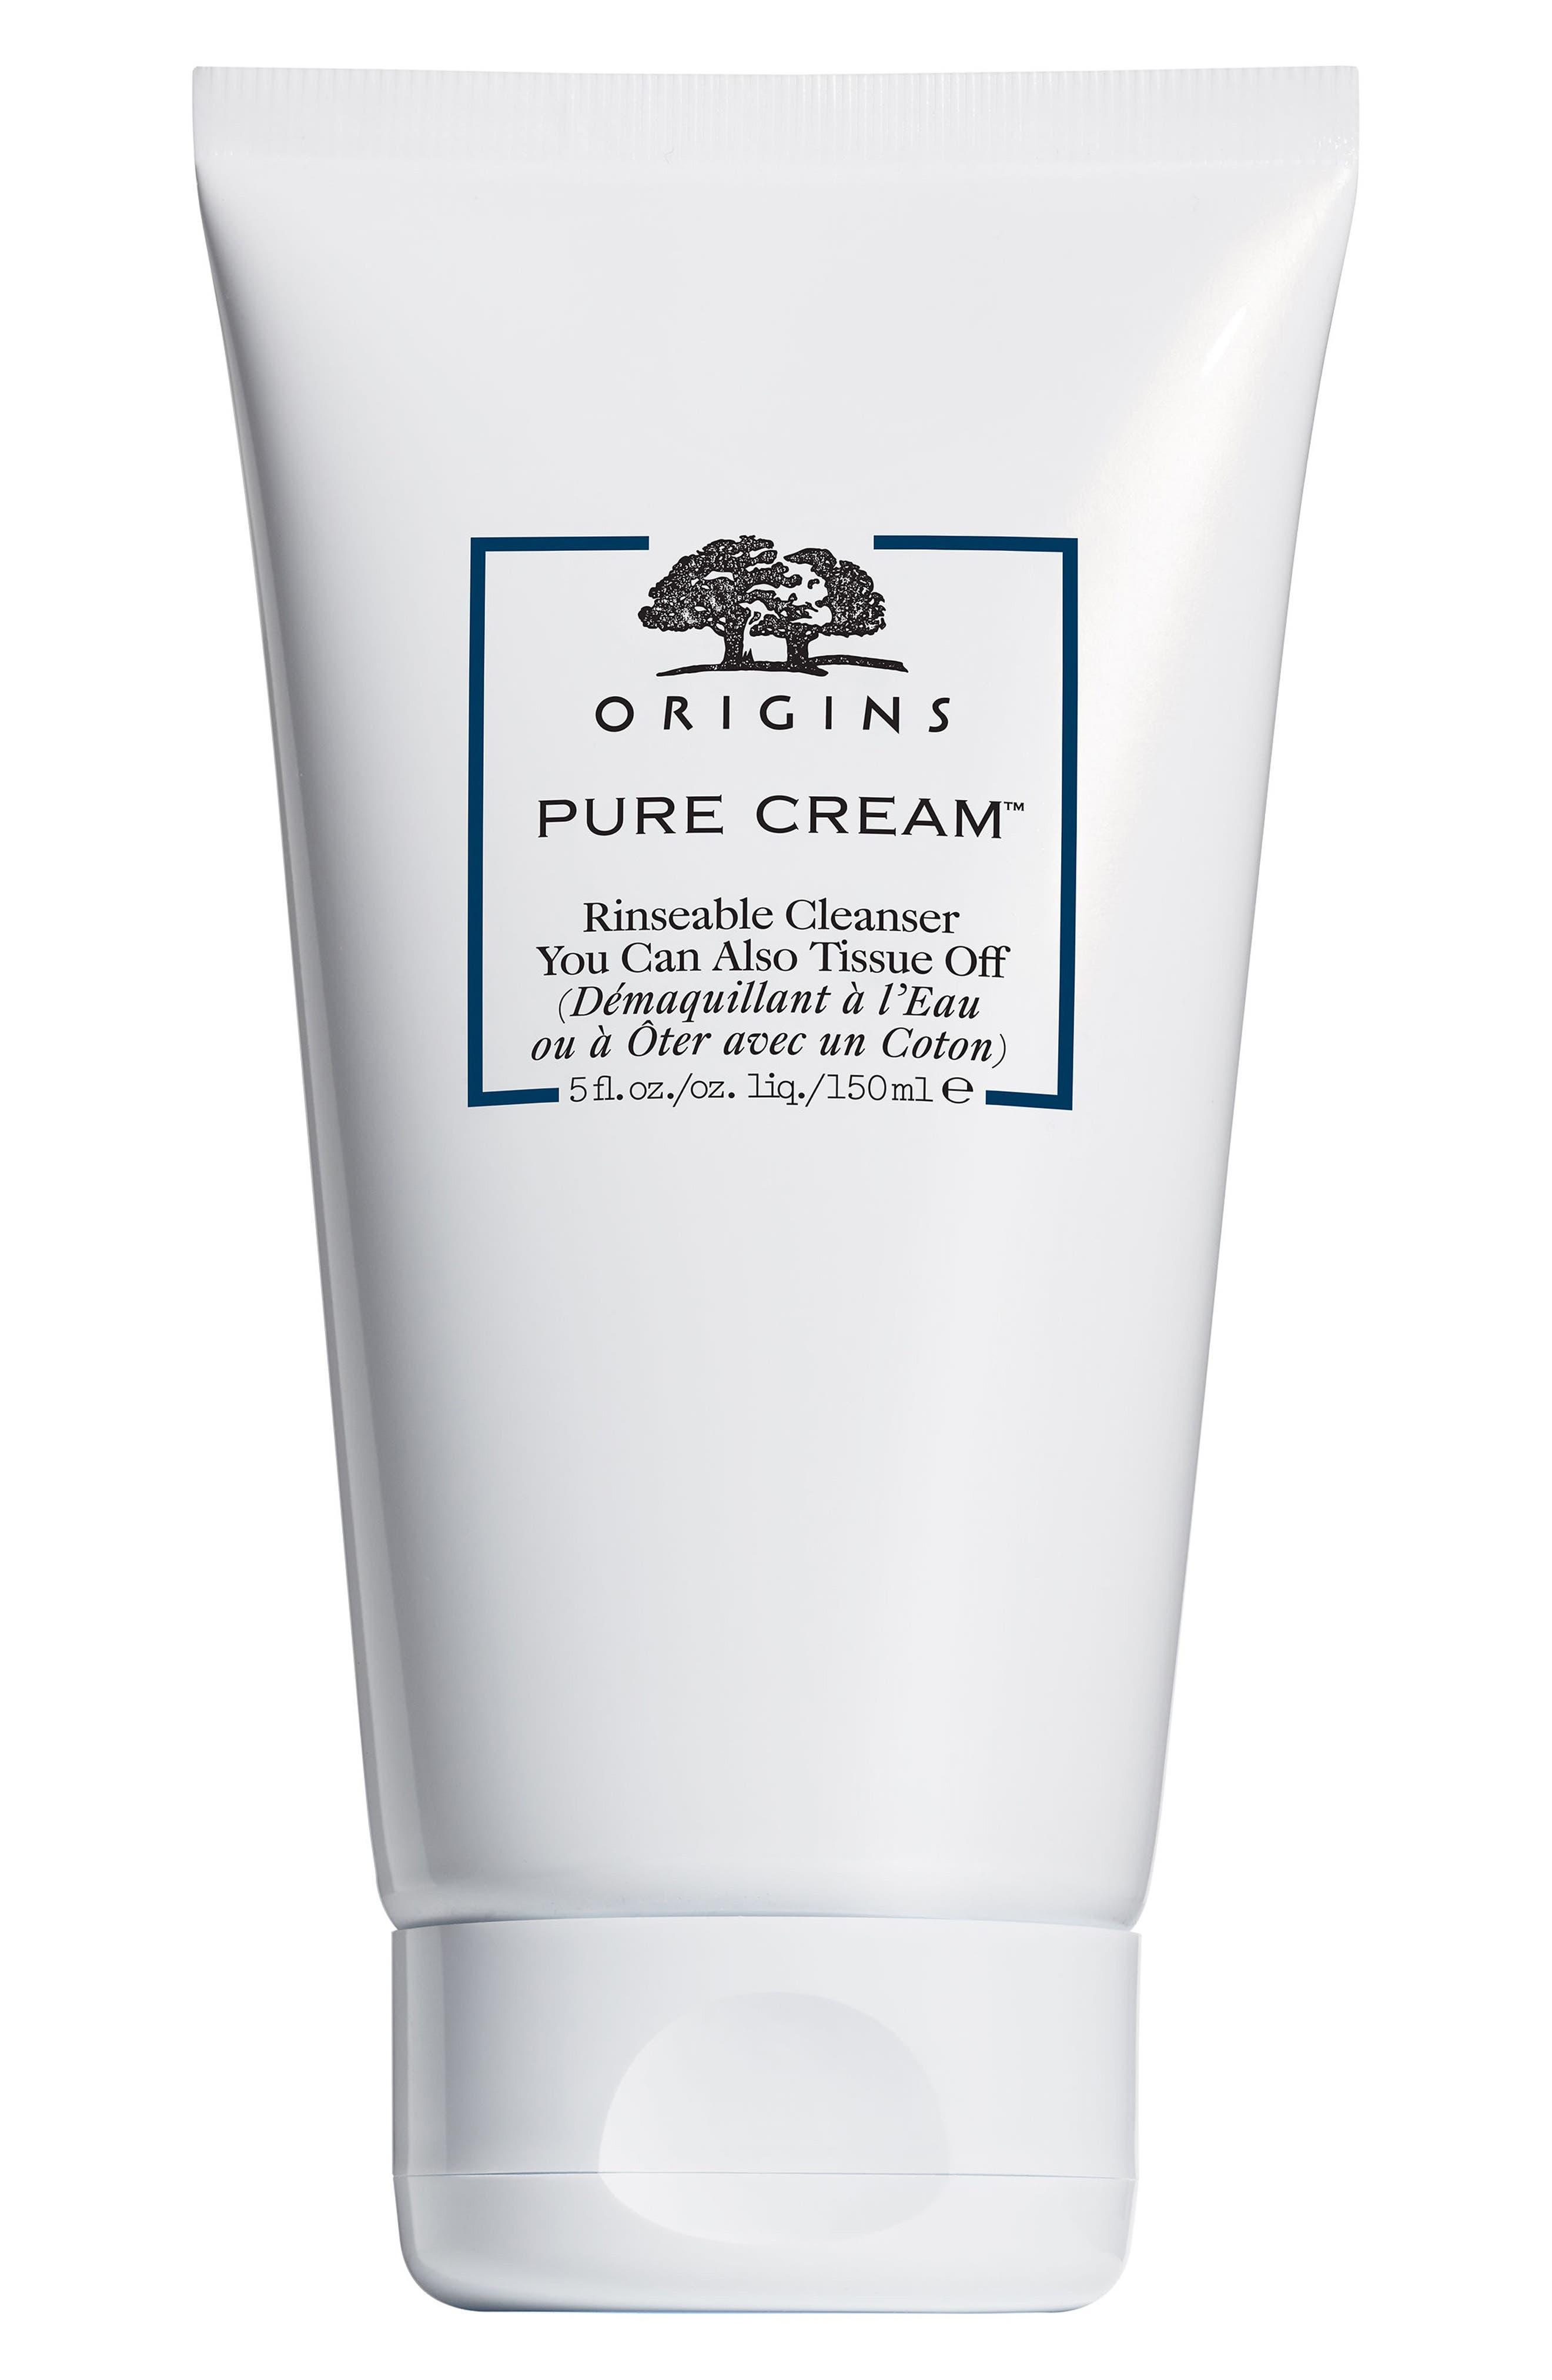 Origins Pure Cream™ Rinsable Cleanser